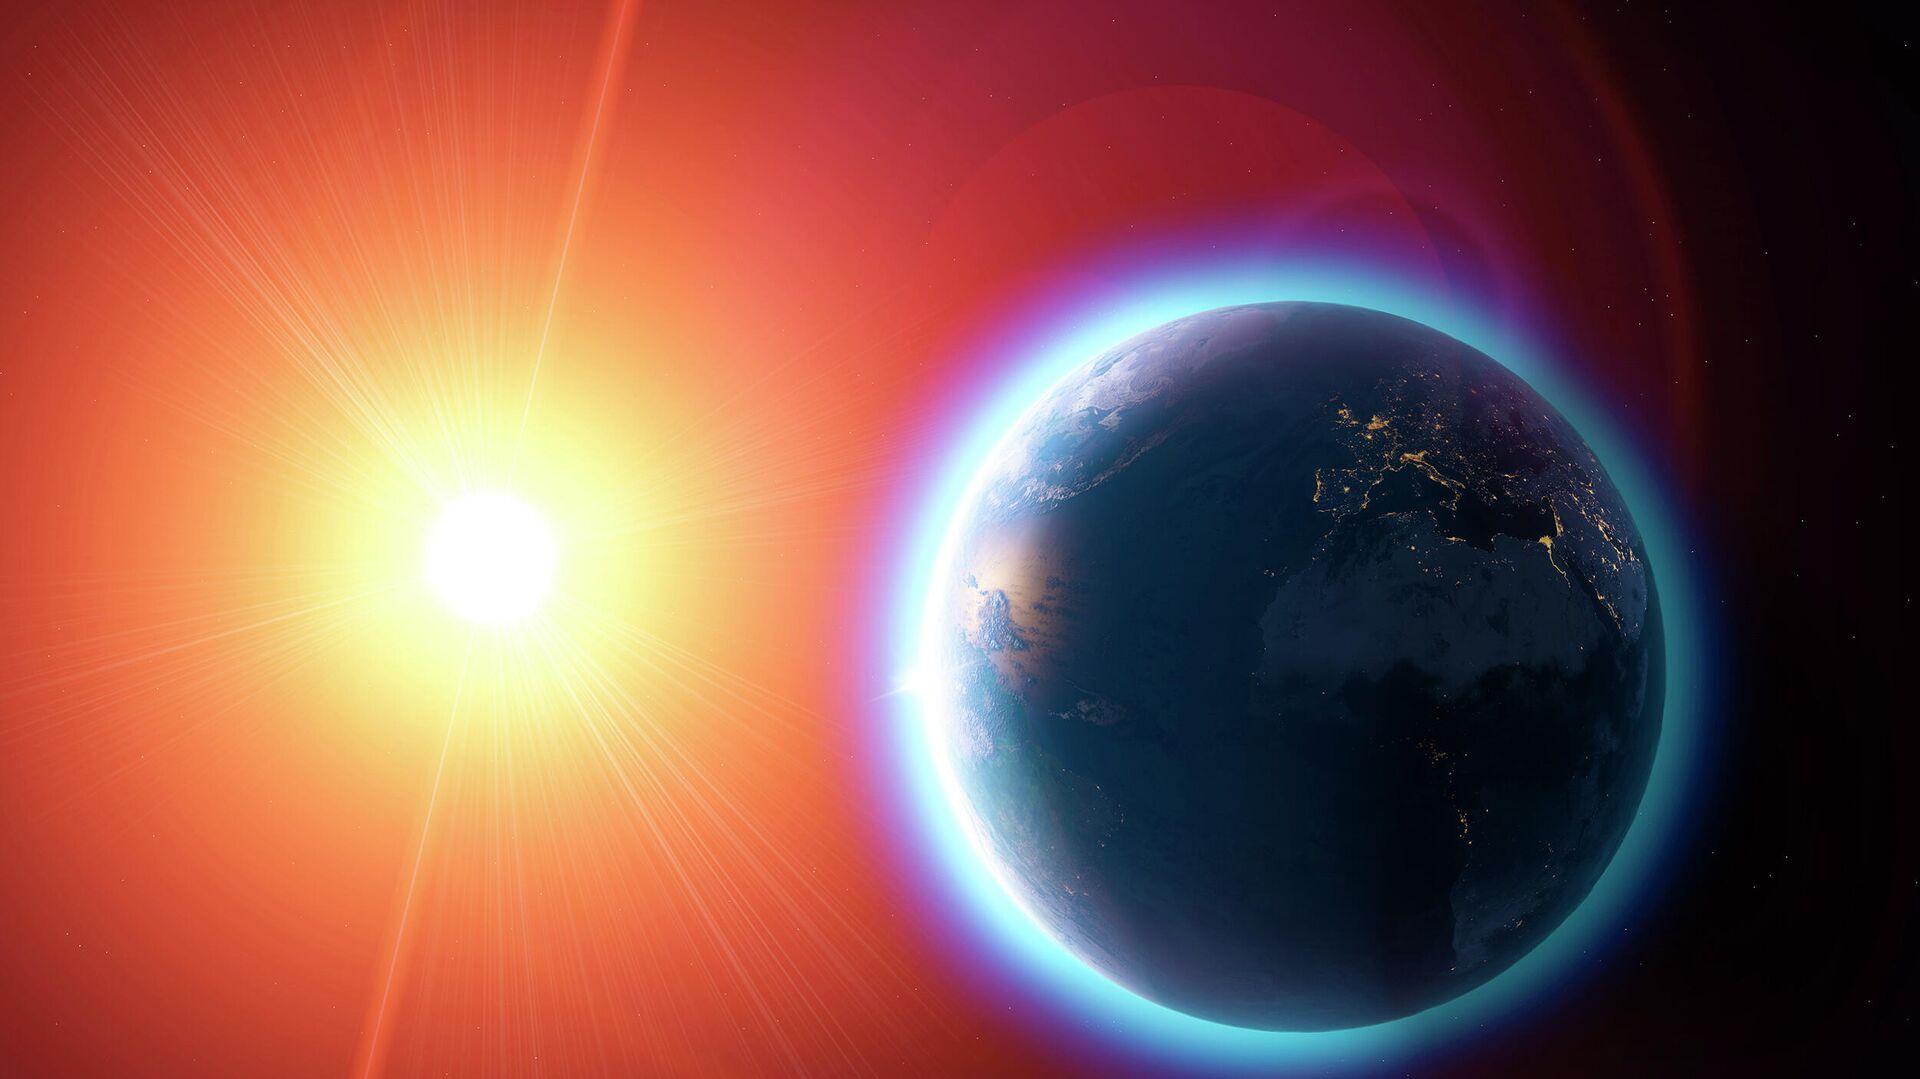 Глобальное потепление и изменение климата - РИА Новости, 1920, 27.01.2021